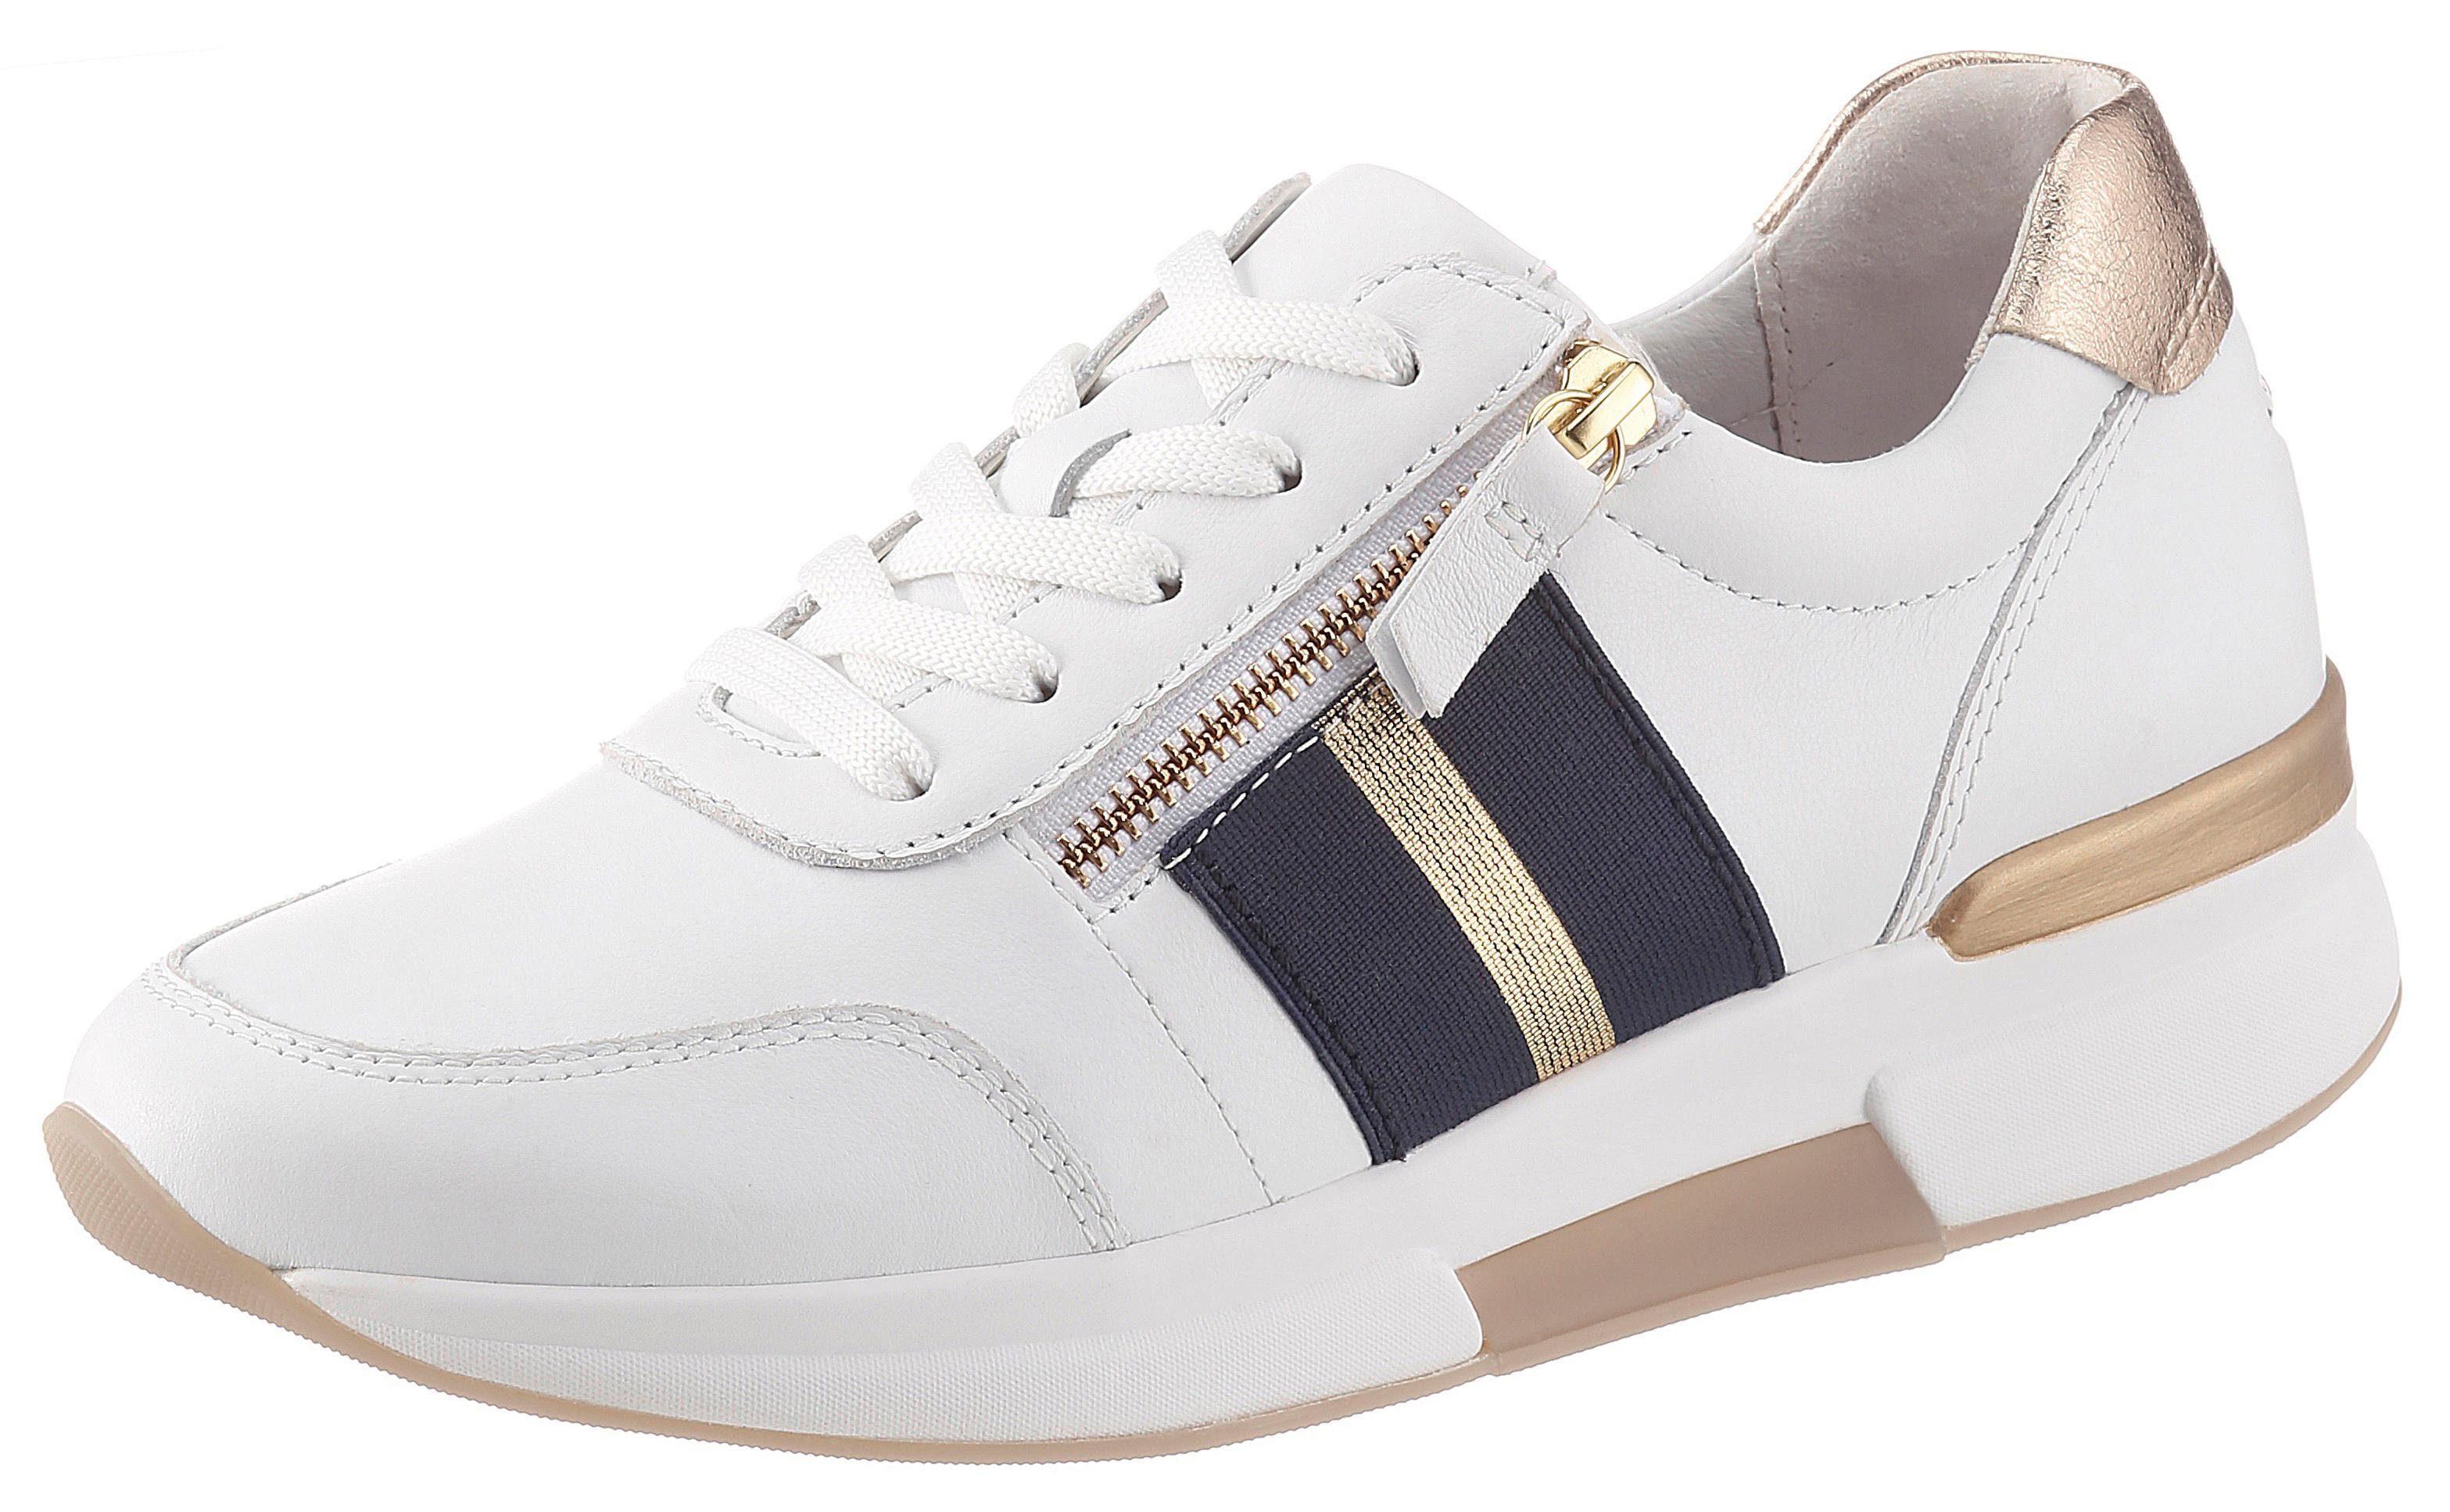 Gabor Rollingsoft Keilsneaker mit Metallicdetails | OTTO